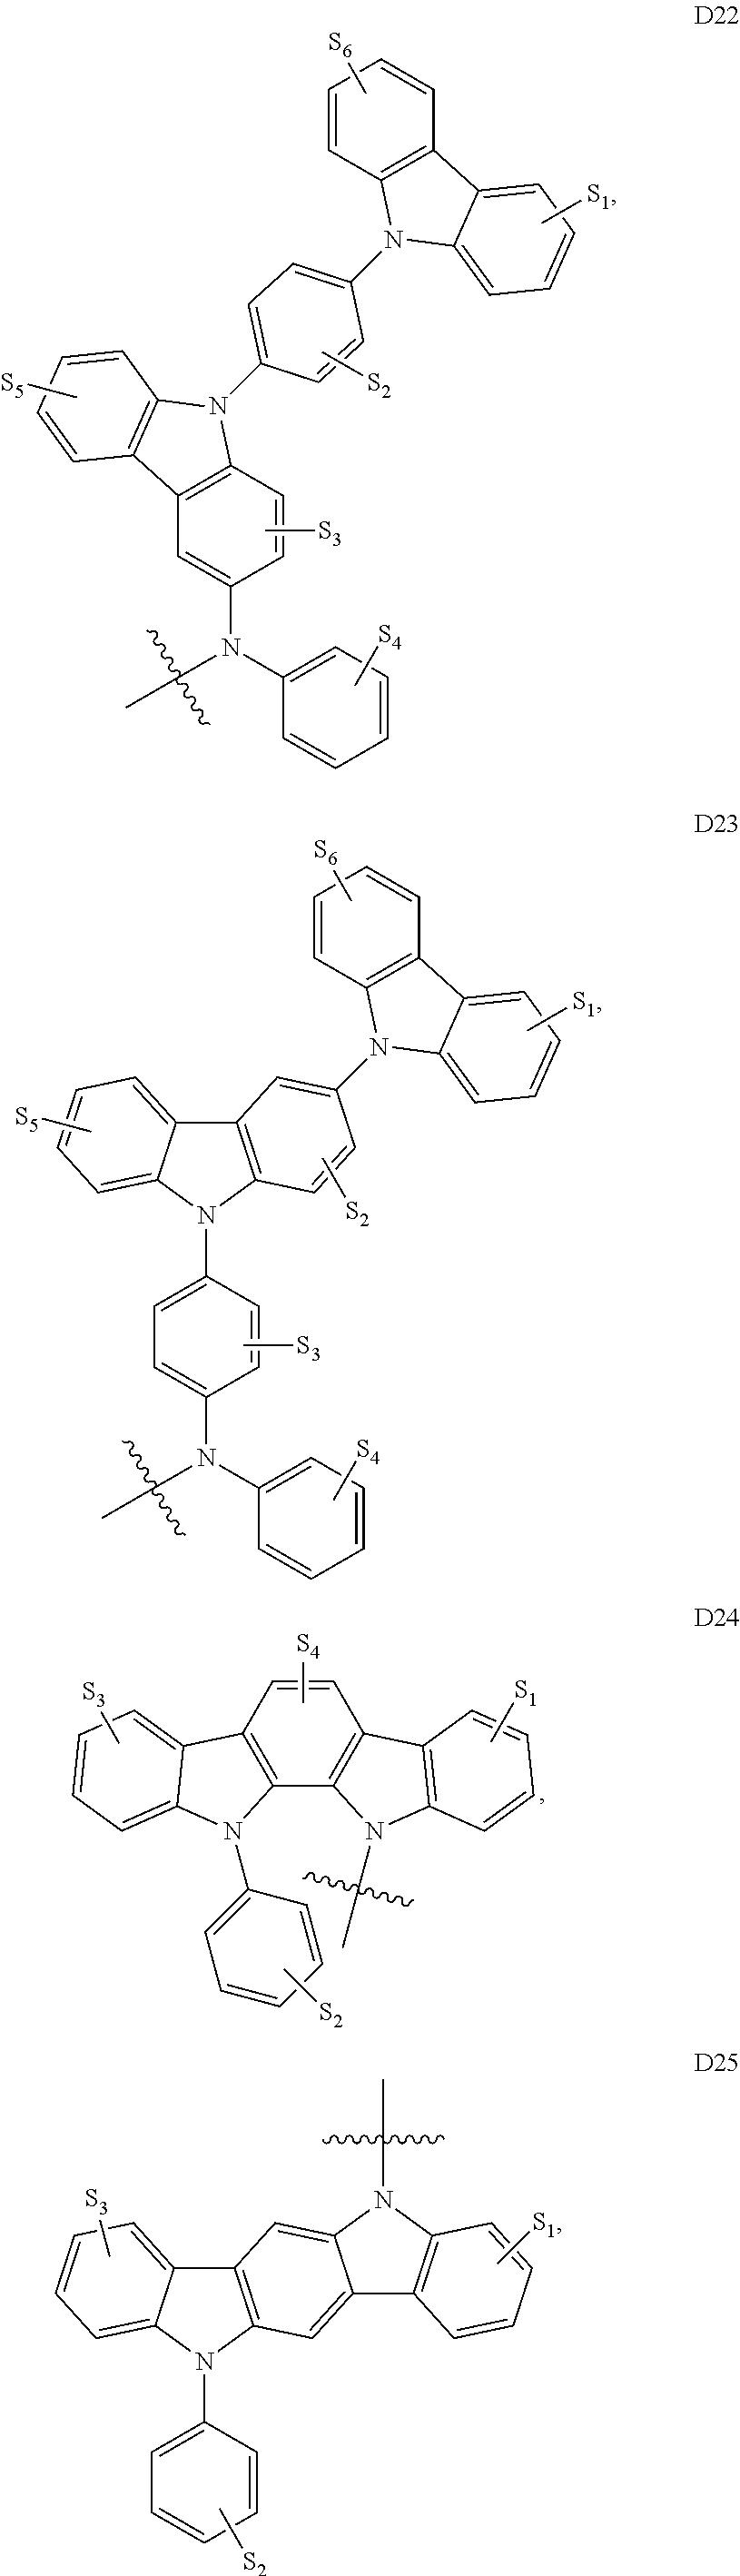 Figure US09324949-20160426-C00388